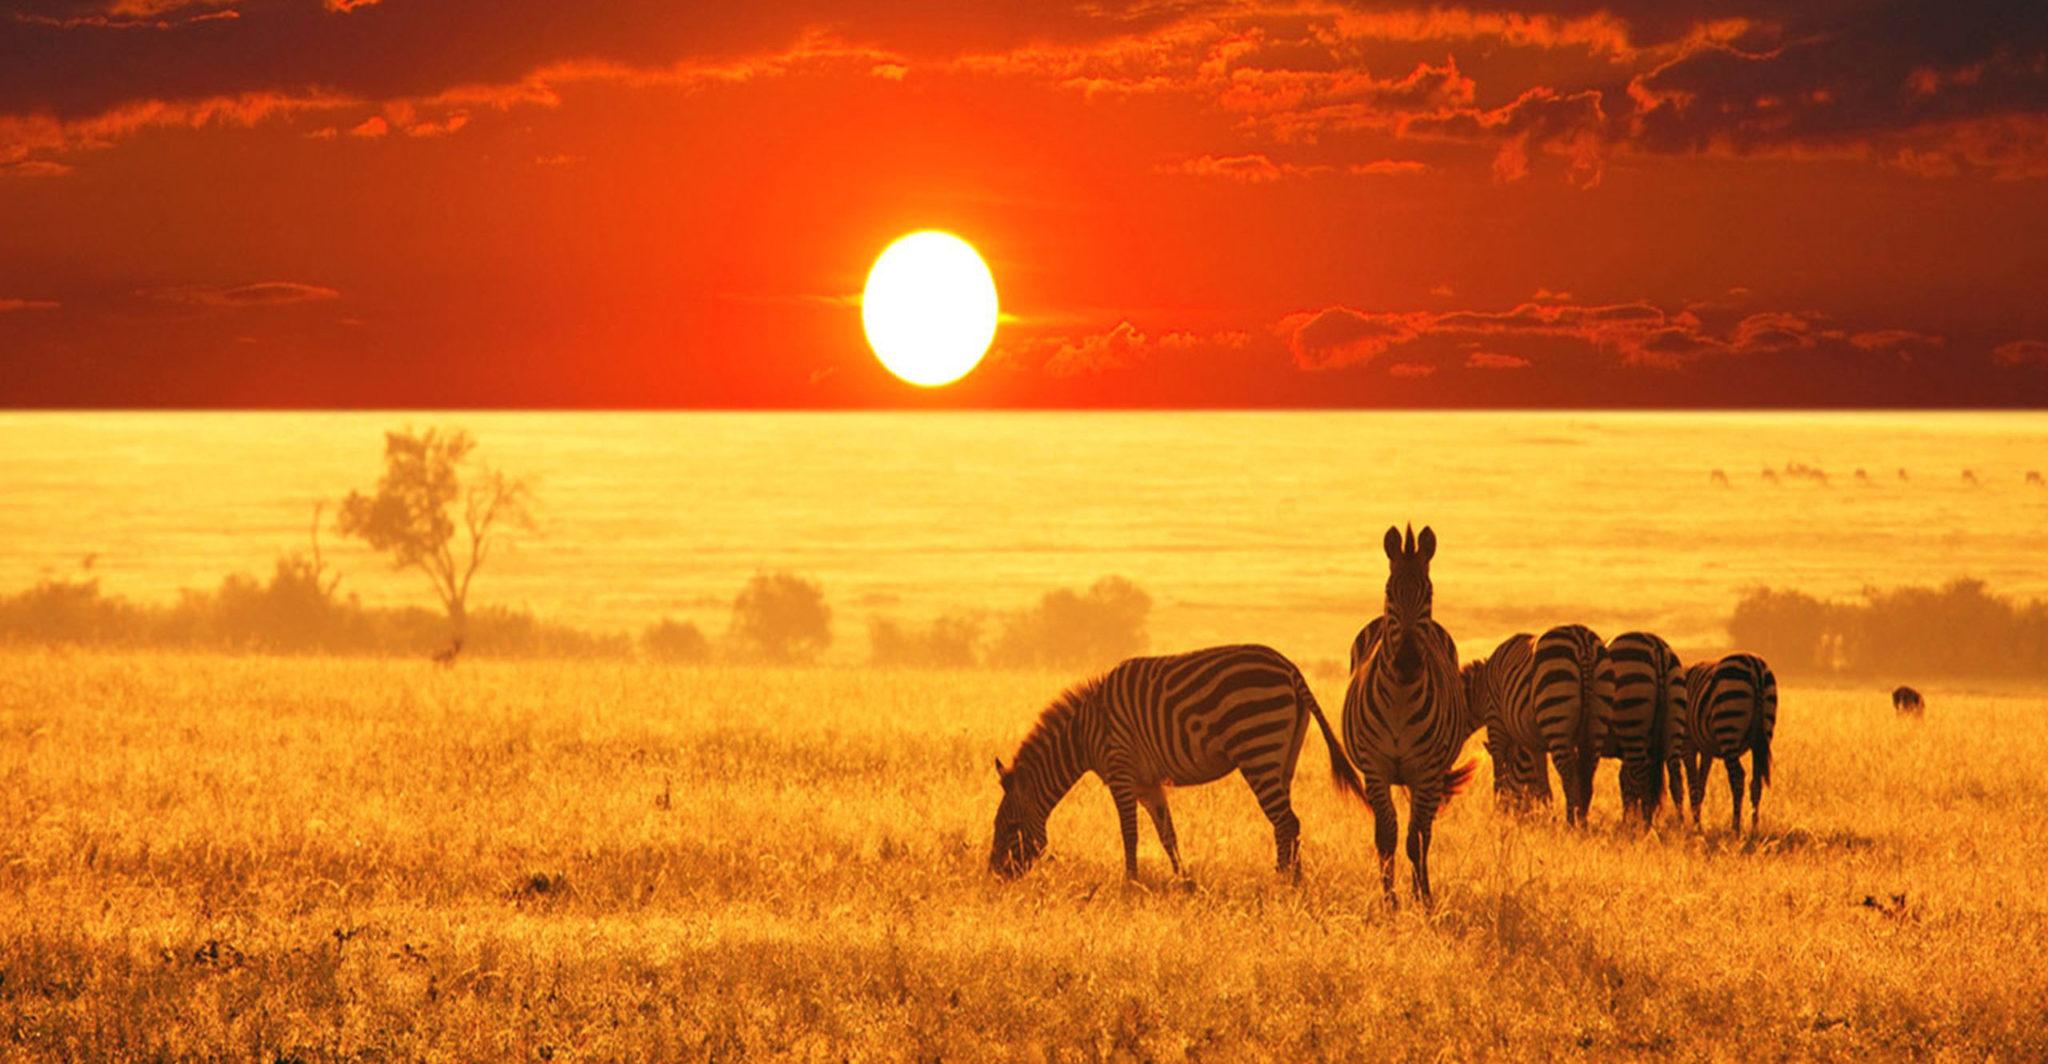 safari-42-e1440574548663